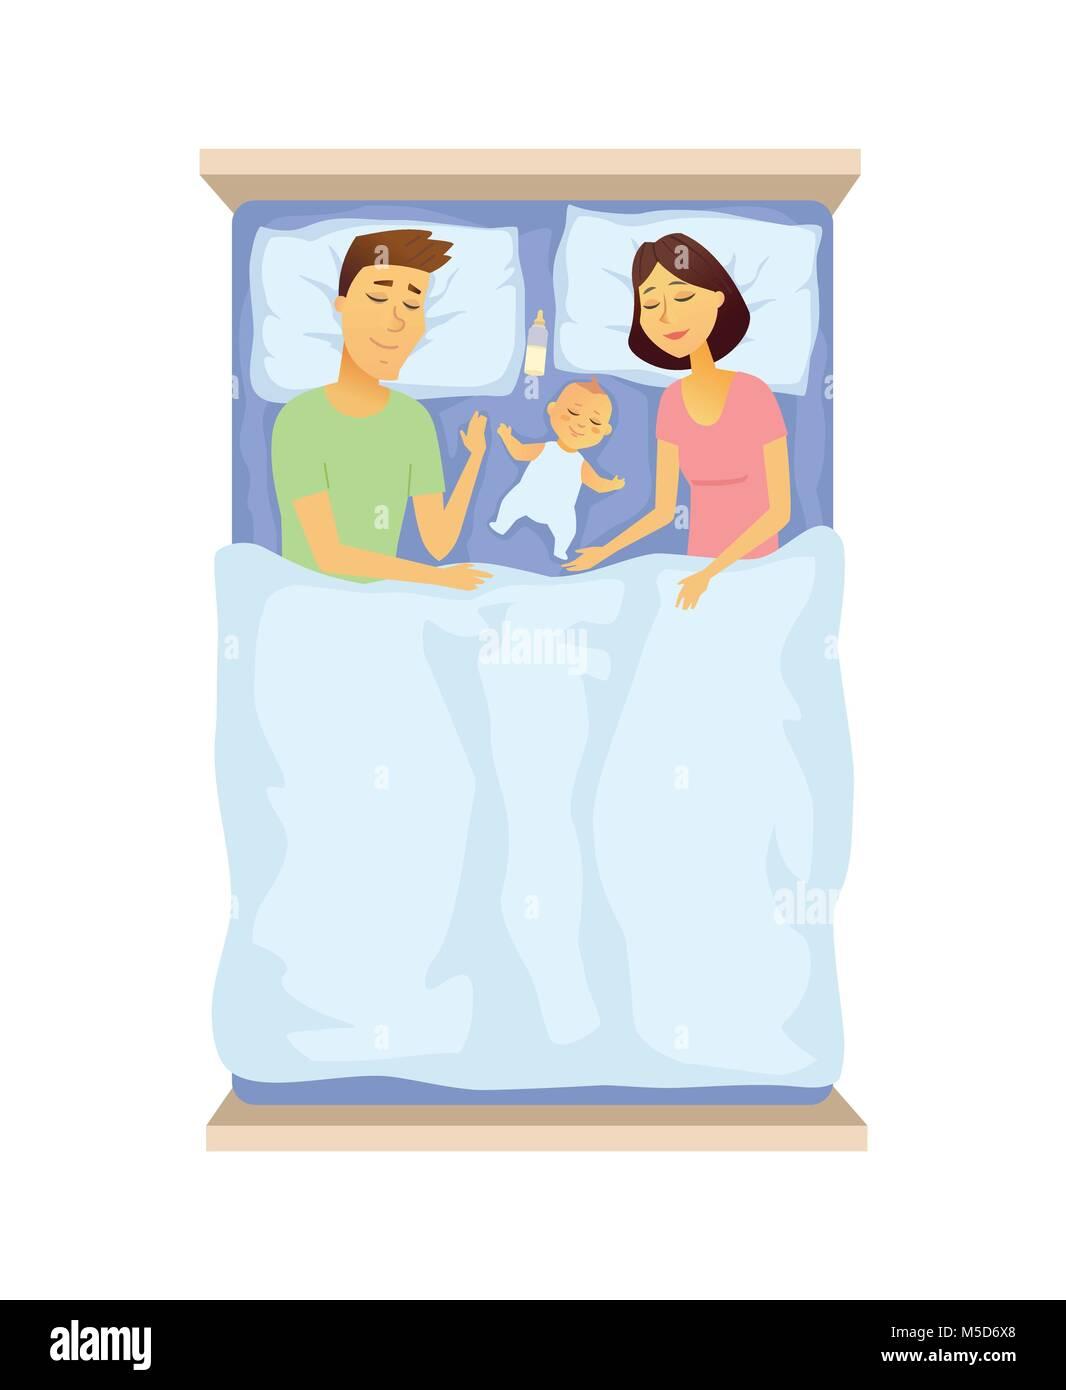 Les jeunes parents et le bébé dormir - cartoon caractères des gens illustration isolé sur fond blanc. Une image Illustration de Vecteur